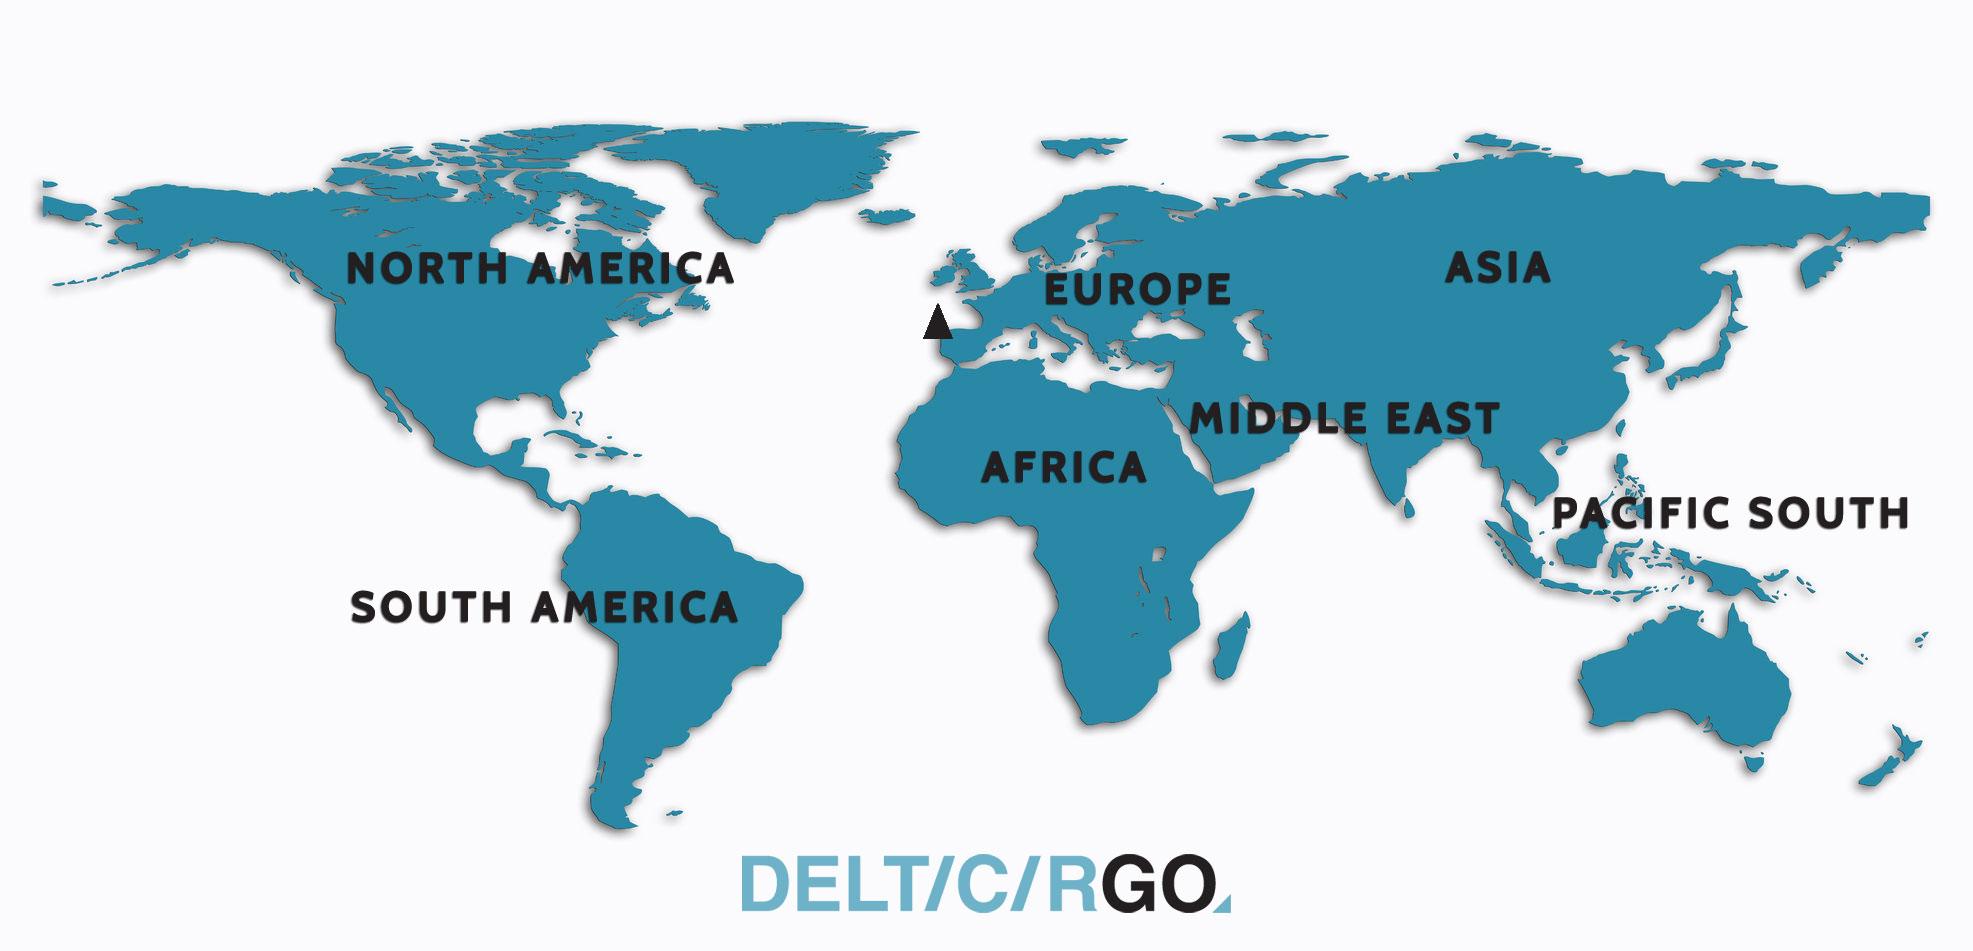 alianzas-transporte-deltacargo